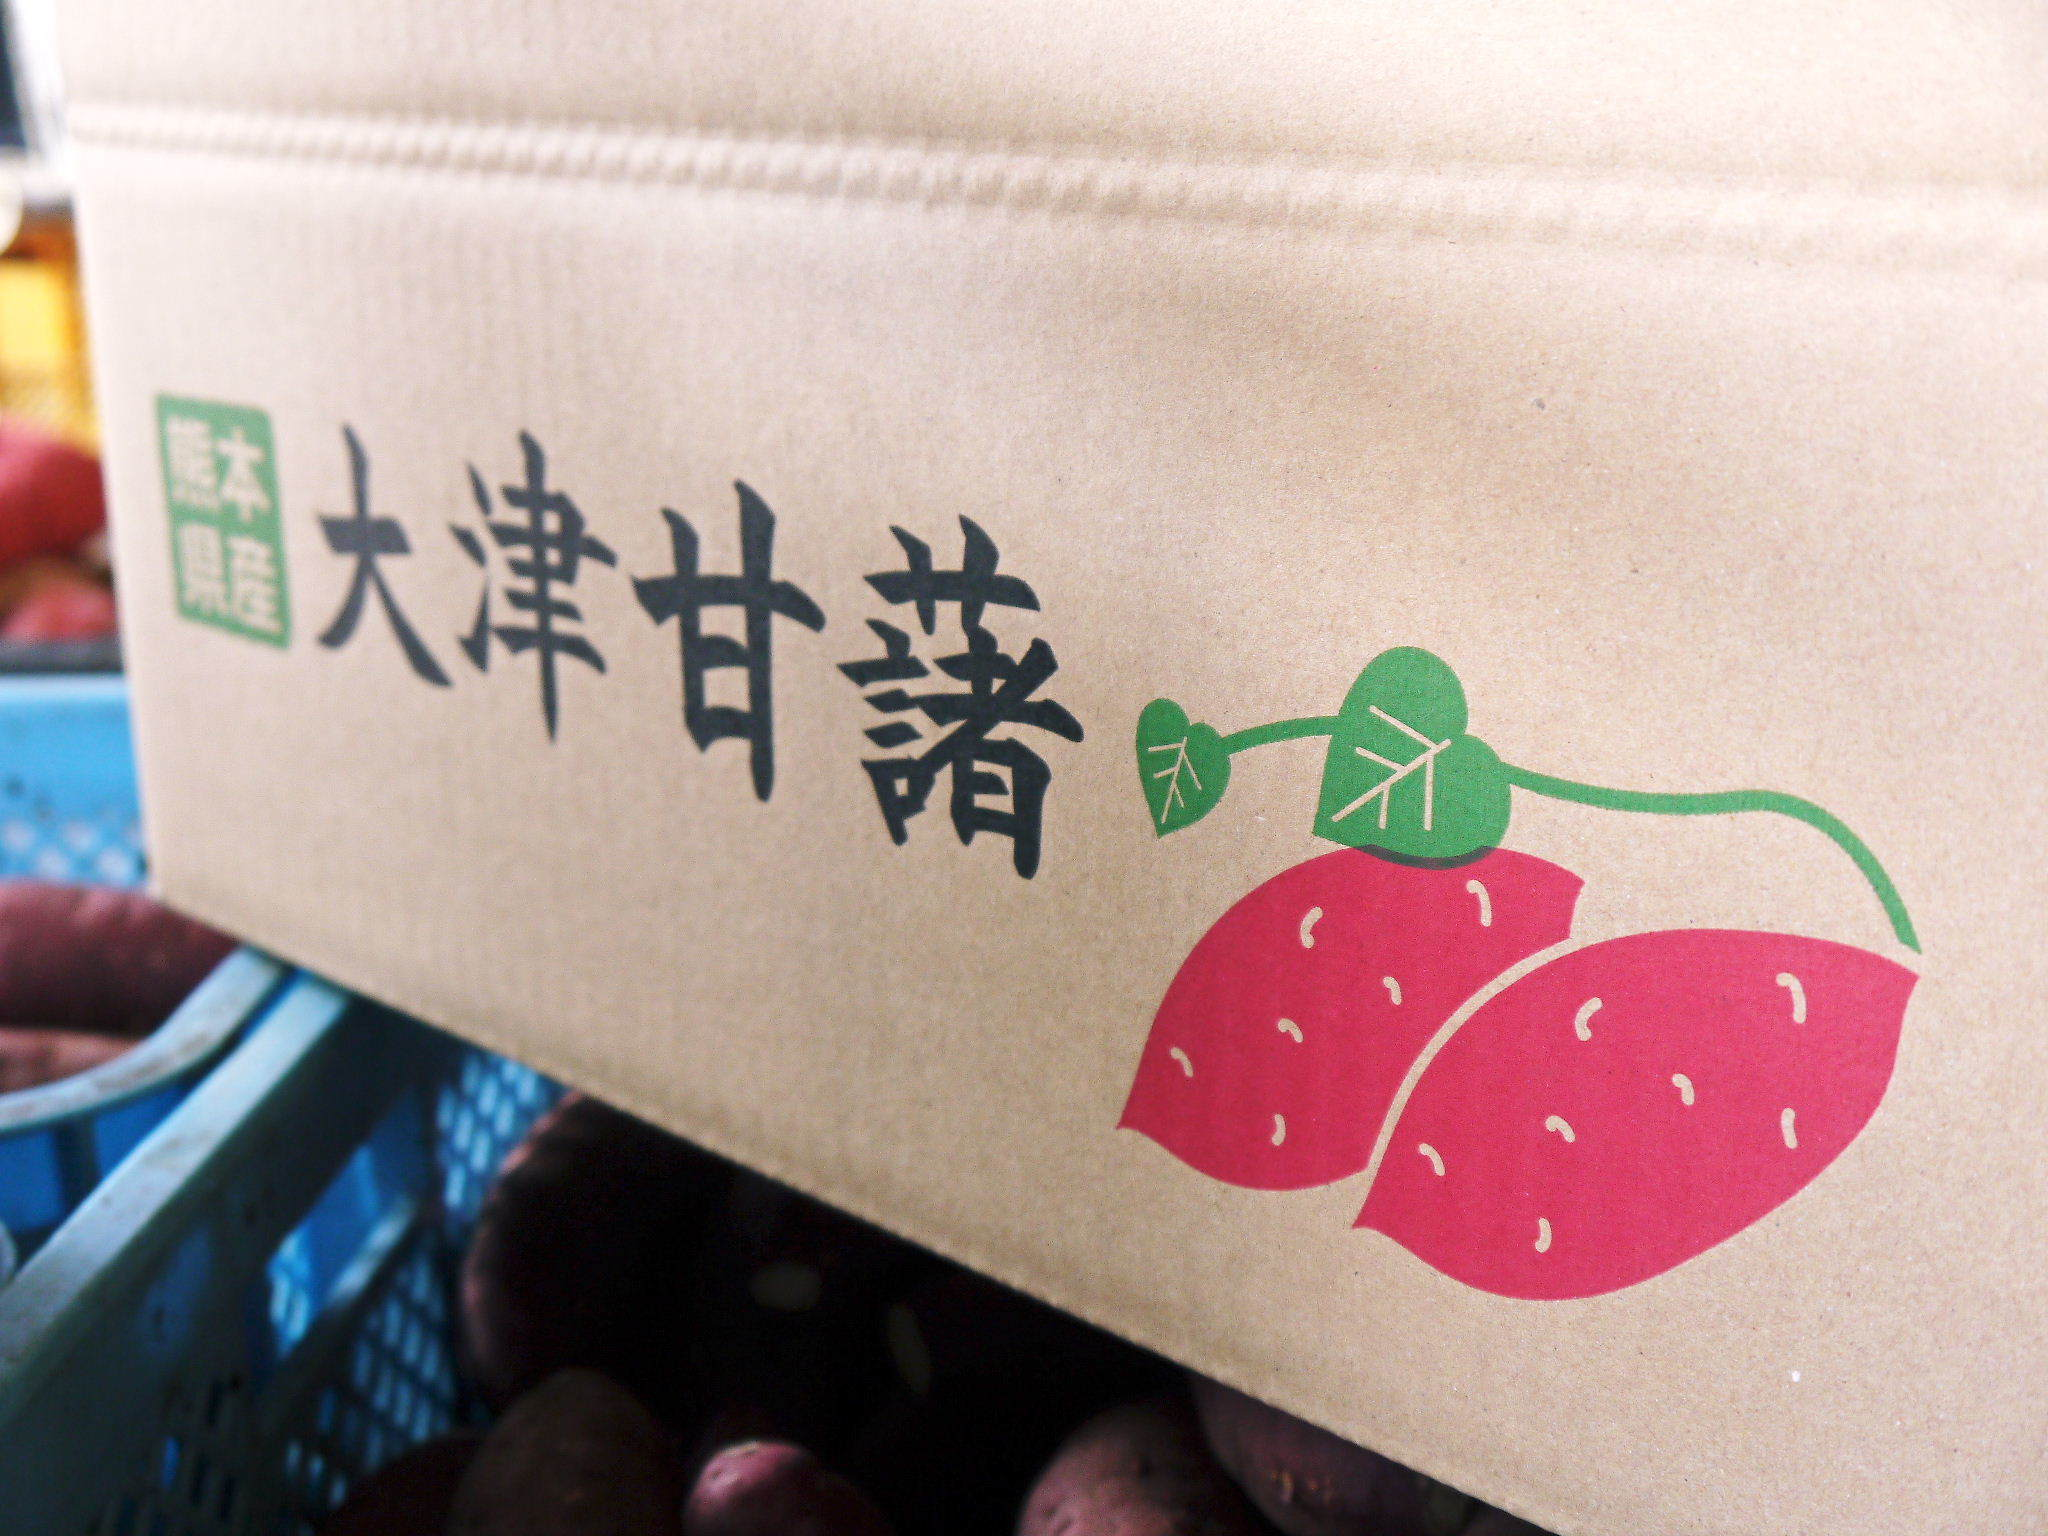 熊本産大津甘藷『からいも(サツマイモ)』 令和2年の栽培スタート!まずは種まきです!(前編)_a0254656_17553964.jpg